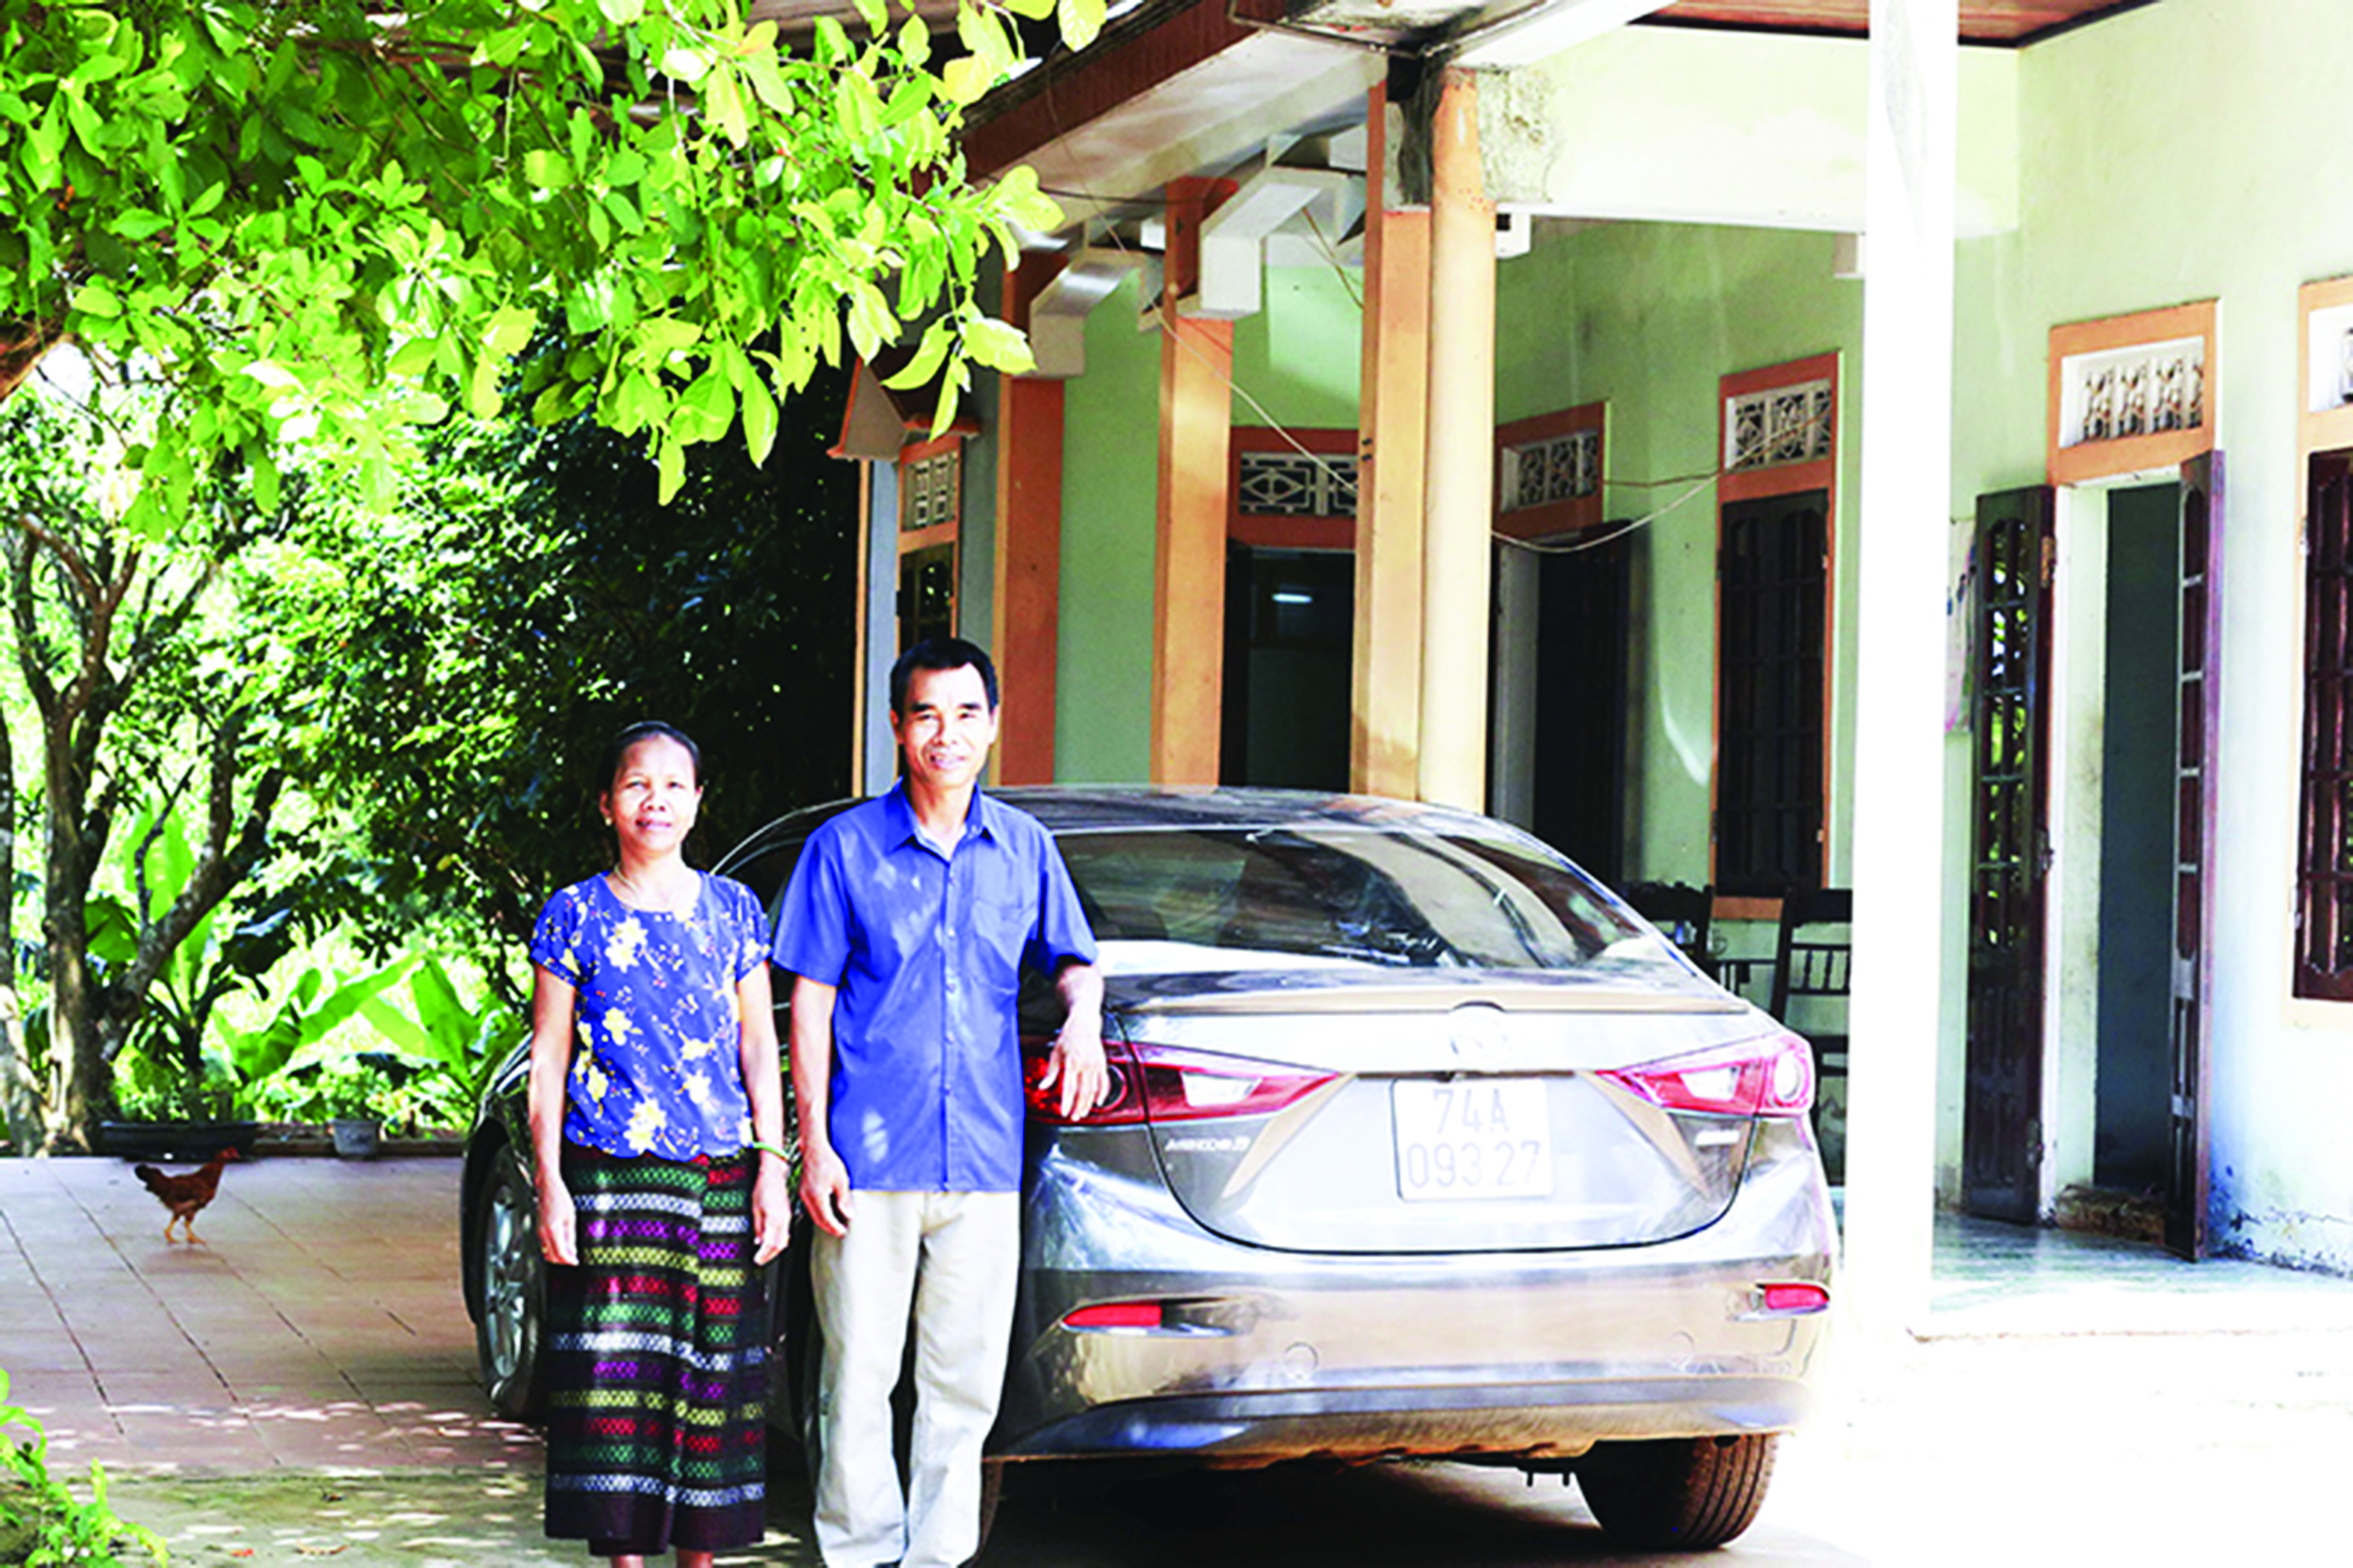 Vợ chồng ông Hồ Ngọc Trai bên chiếc xe ô tô và ngôi nhà khang trang.